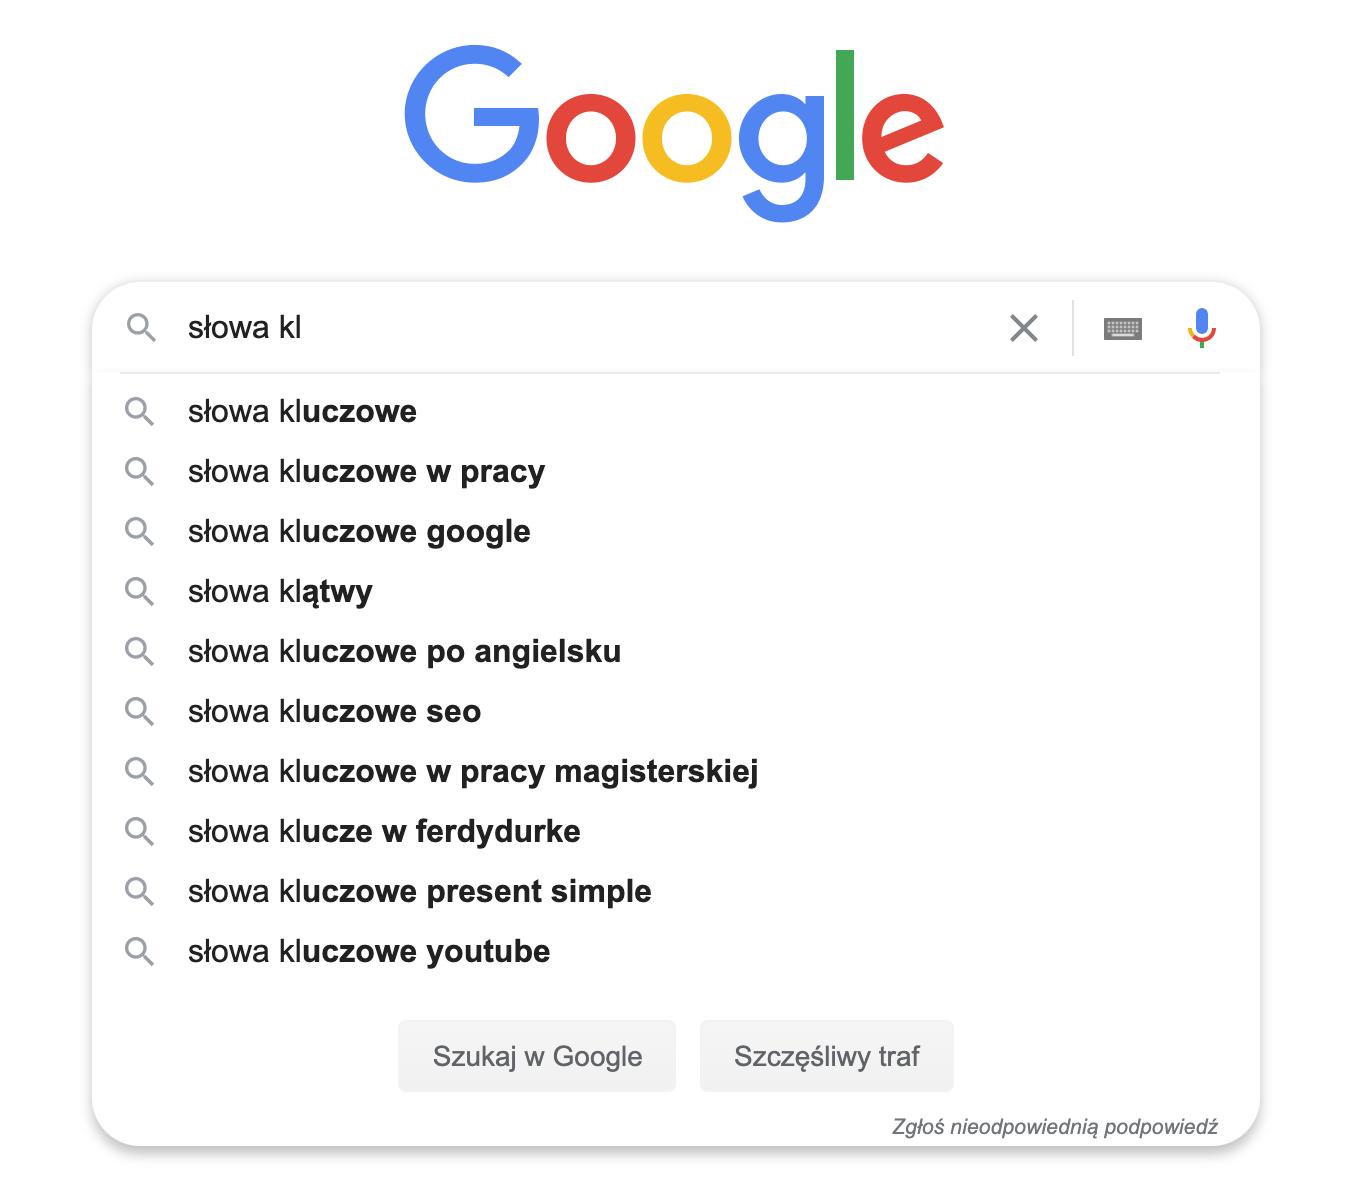 jak znaleźć słowa kluczowe w wyszukiwarce